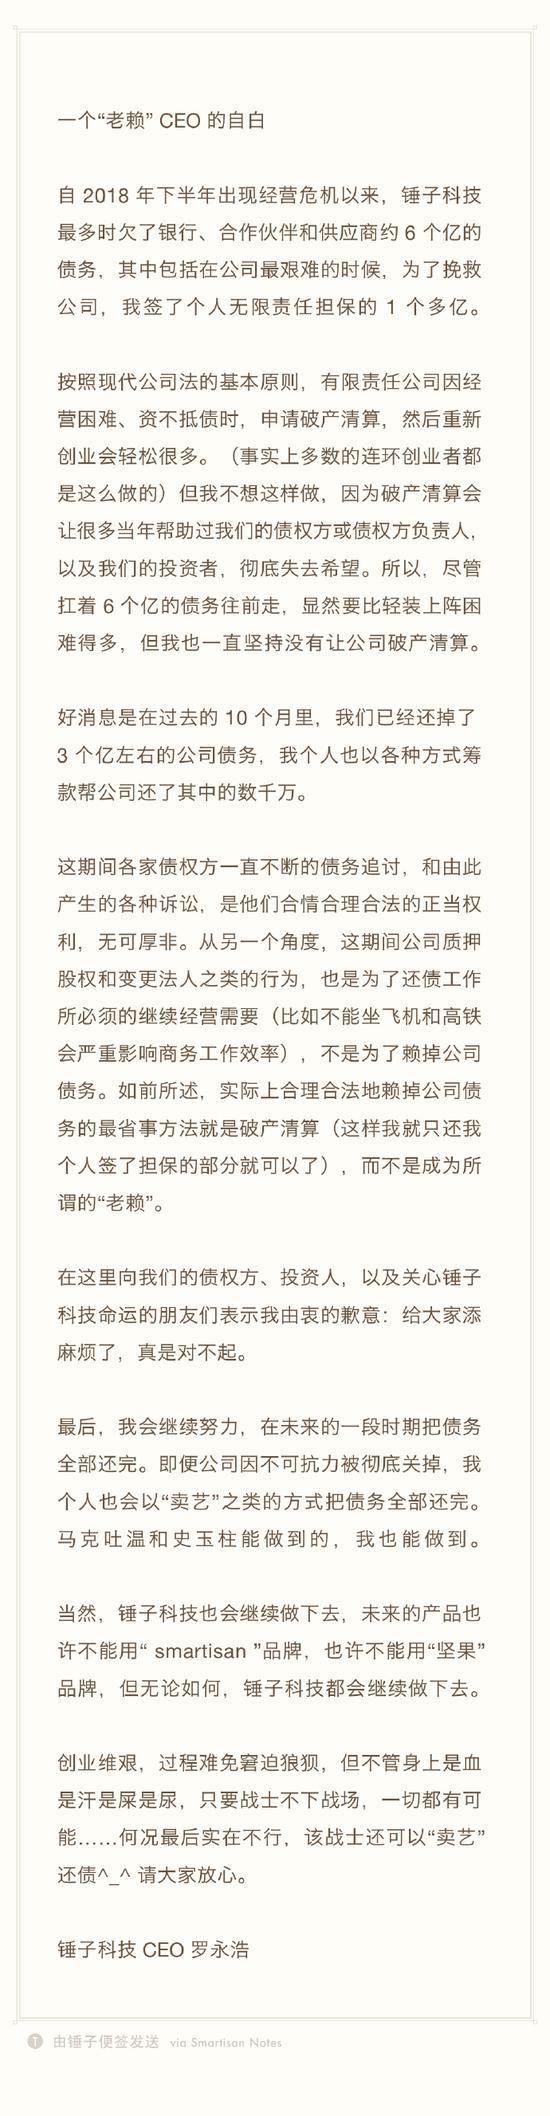 牌点数的大小,泺源知事|张志勇到北师大当教授,近年来山东辞职的厅官还有谁?